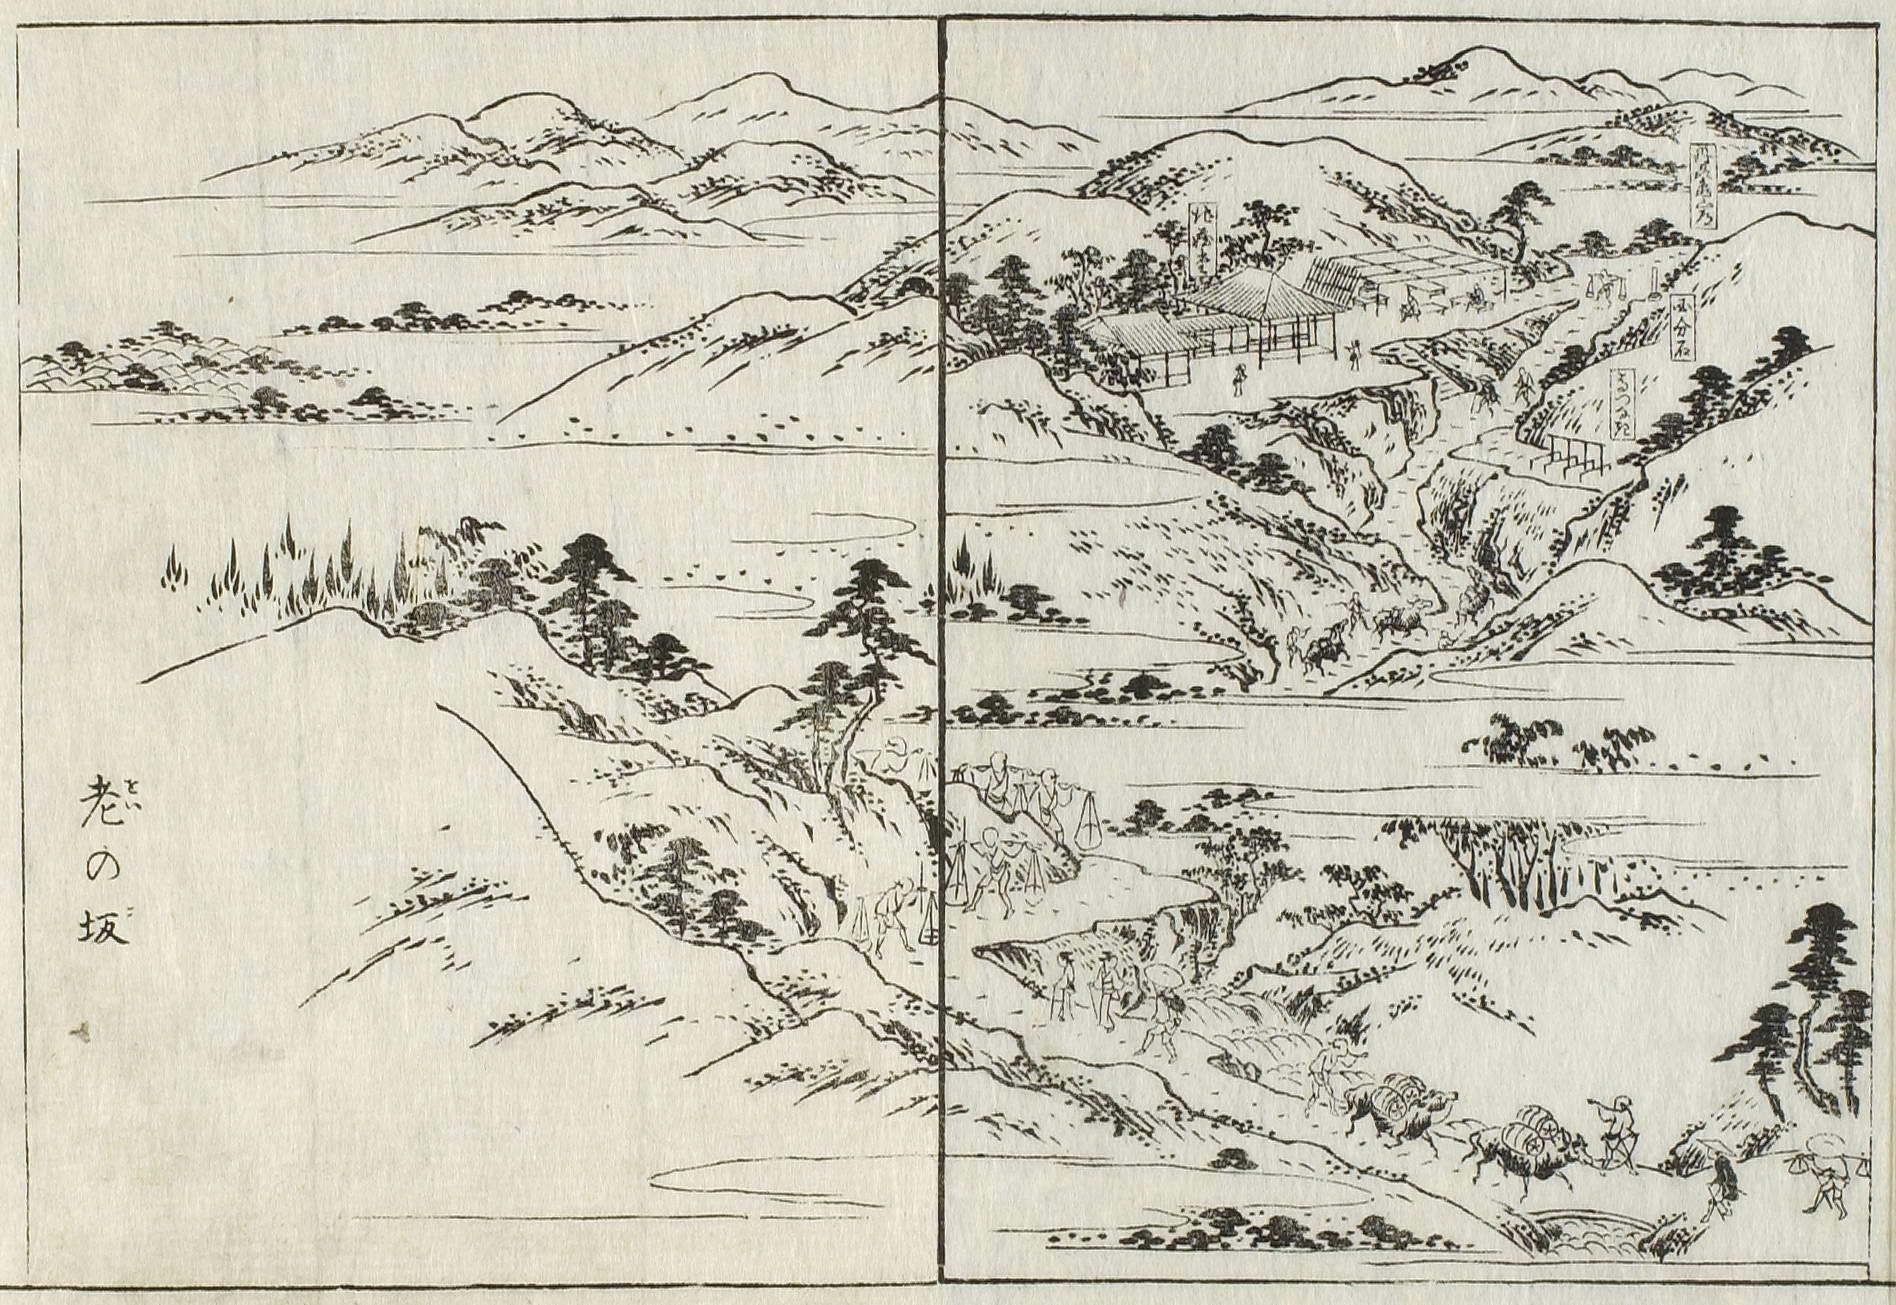 老の坂(をいのさか、国際日本文化研究センター)